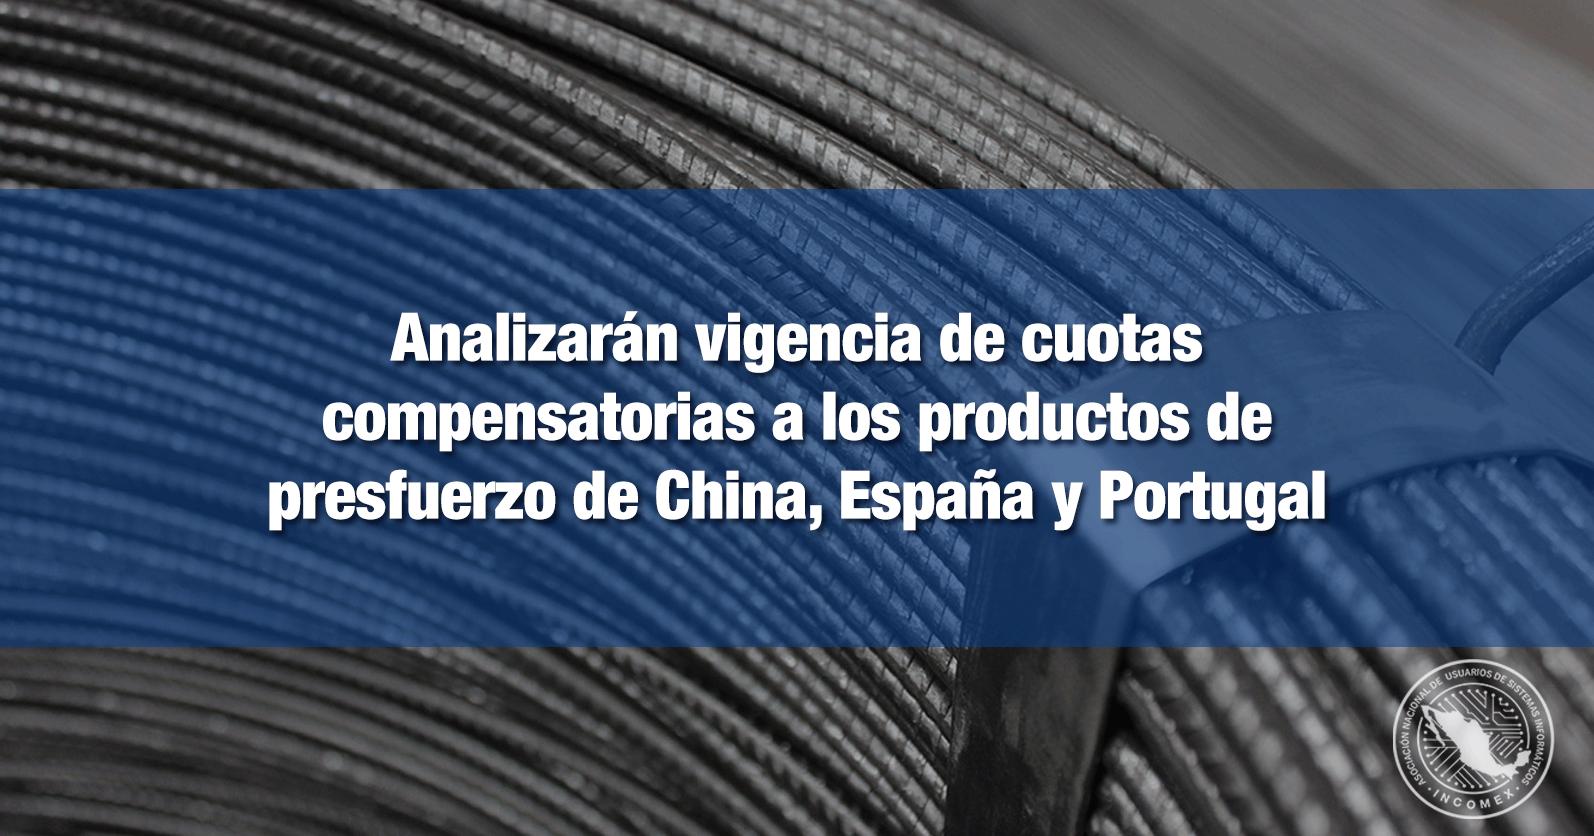 Analizarán vigencia de cuotas compensatorias a los productos de presfuerzo de China, España y Portugal